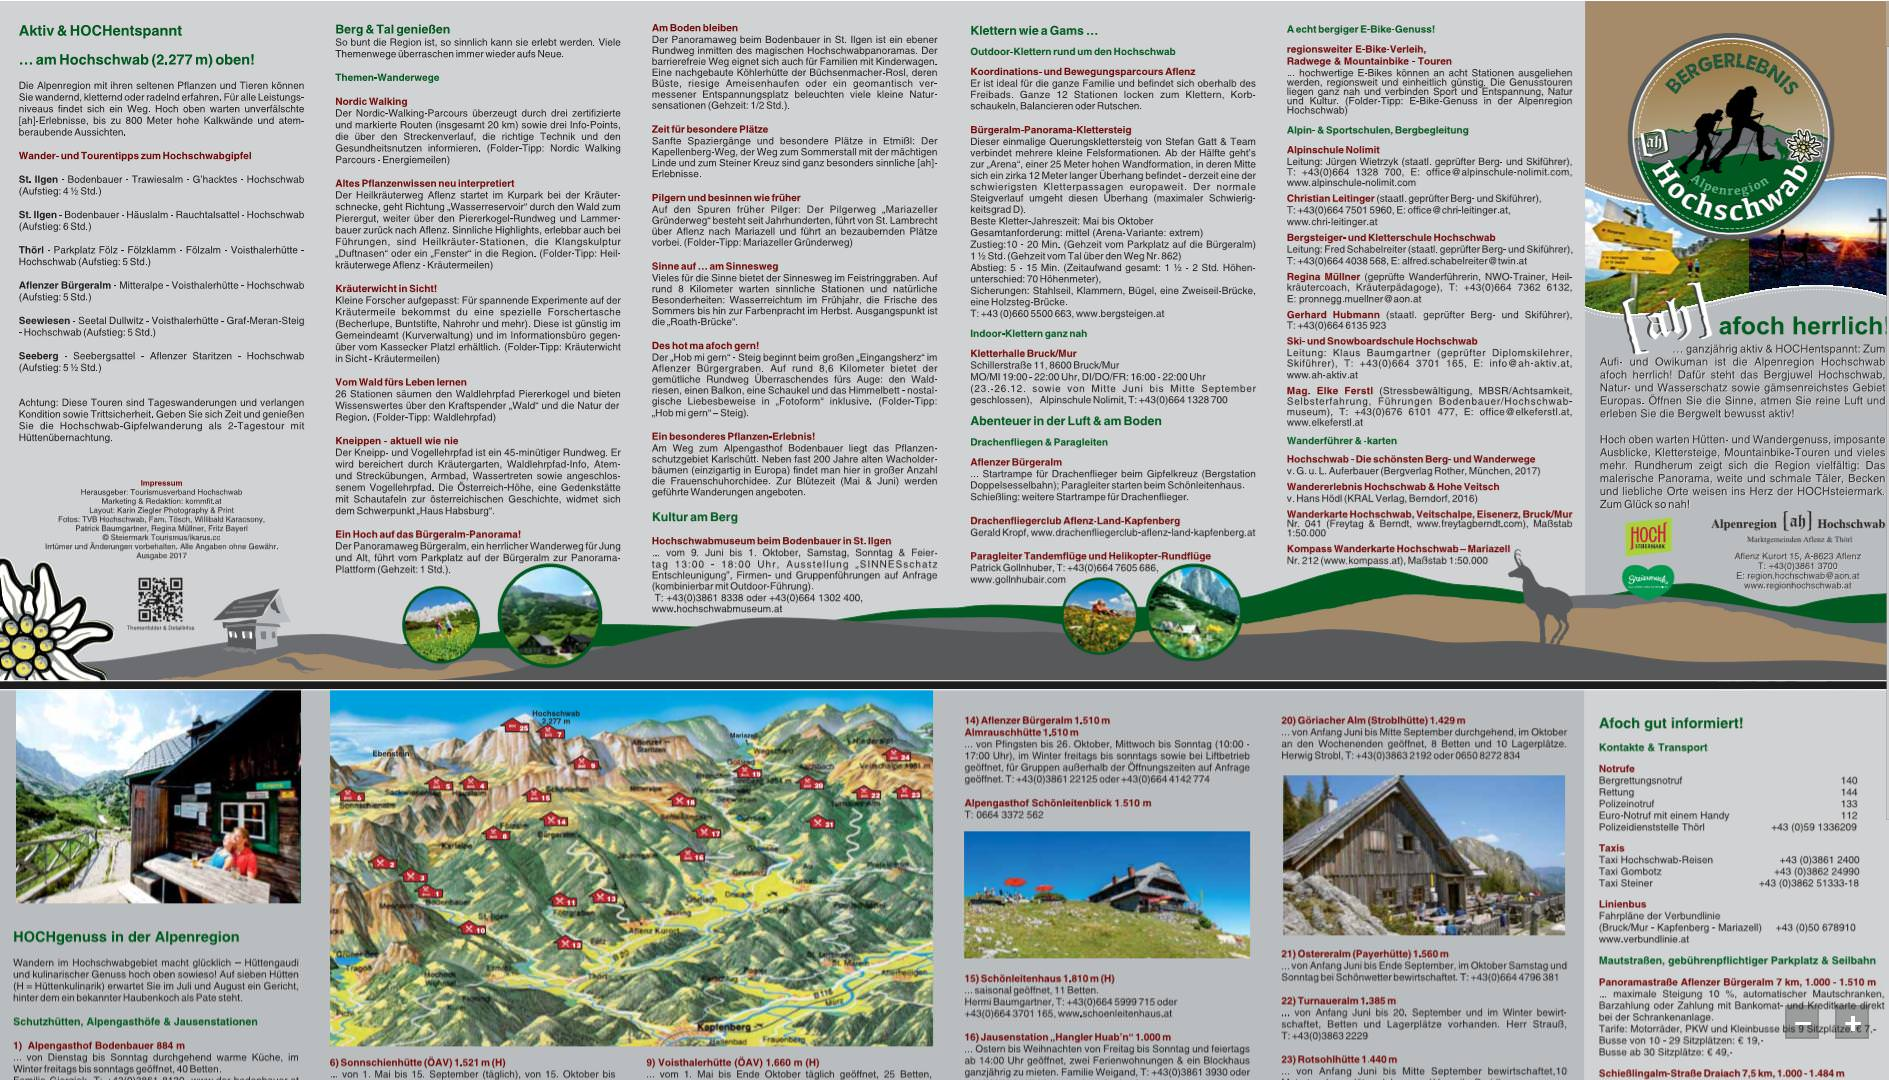 Folderkonzeption, Pressearbeit und Marketing: Tourismusverband Alpenregion Hochschwab   [ah! afoch herrlich!)